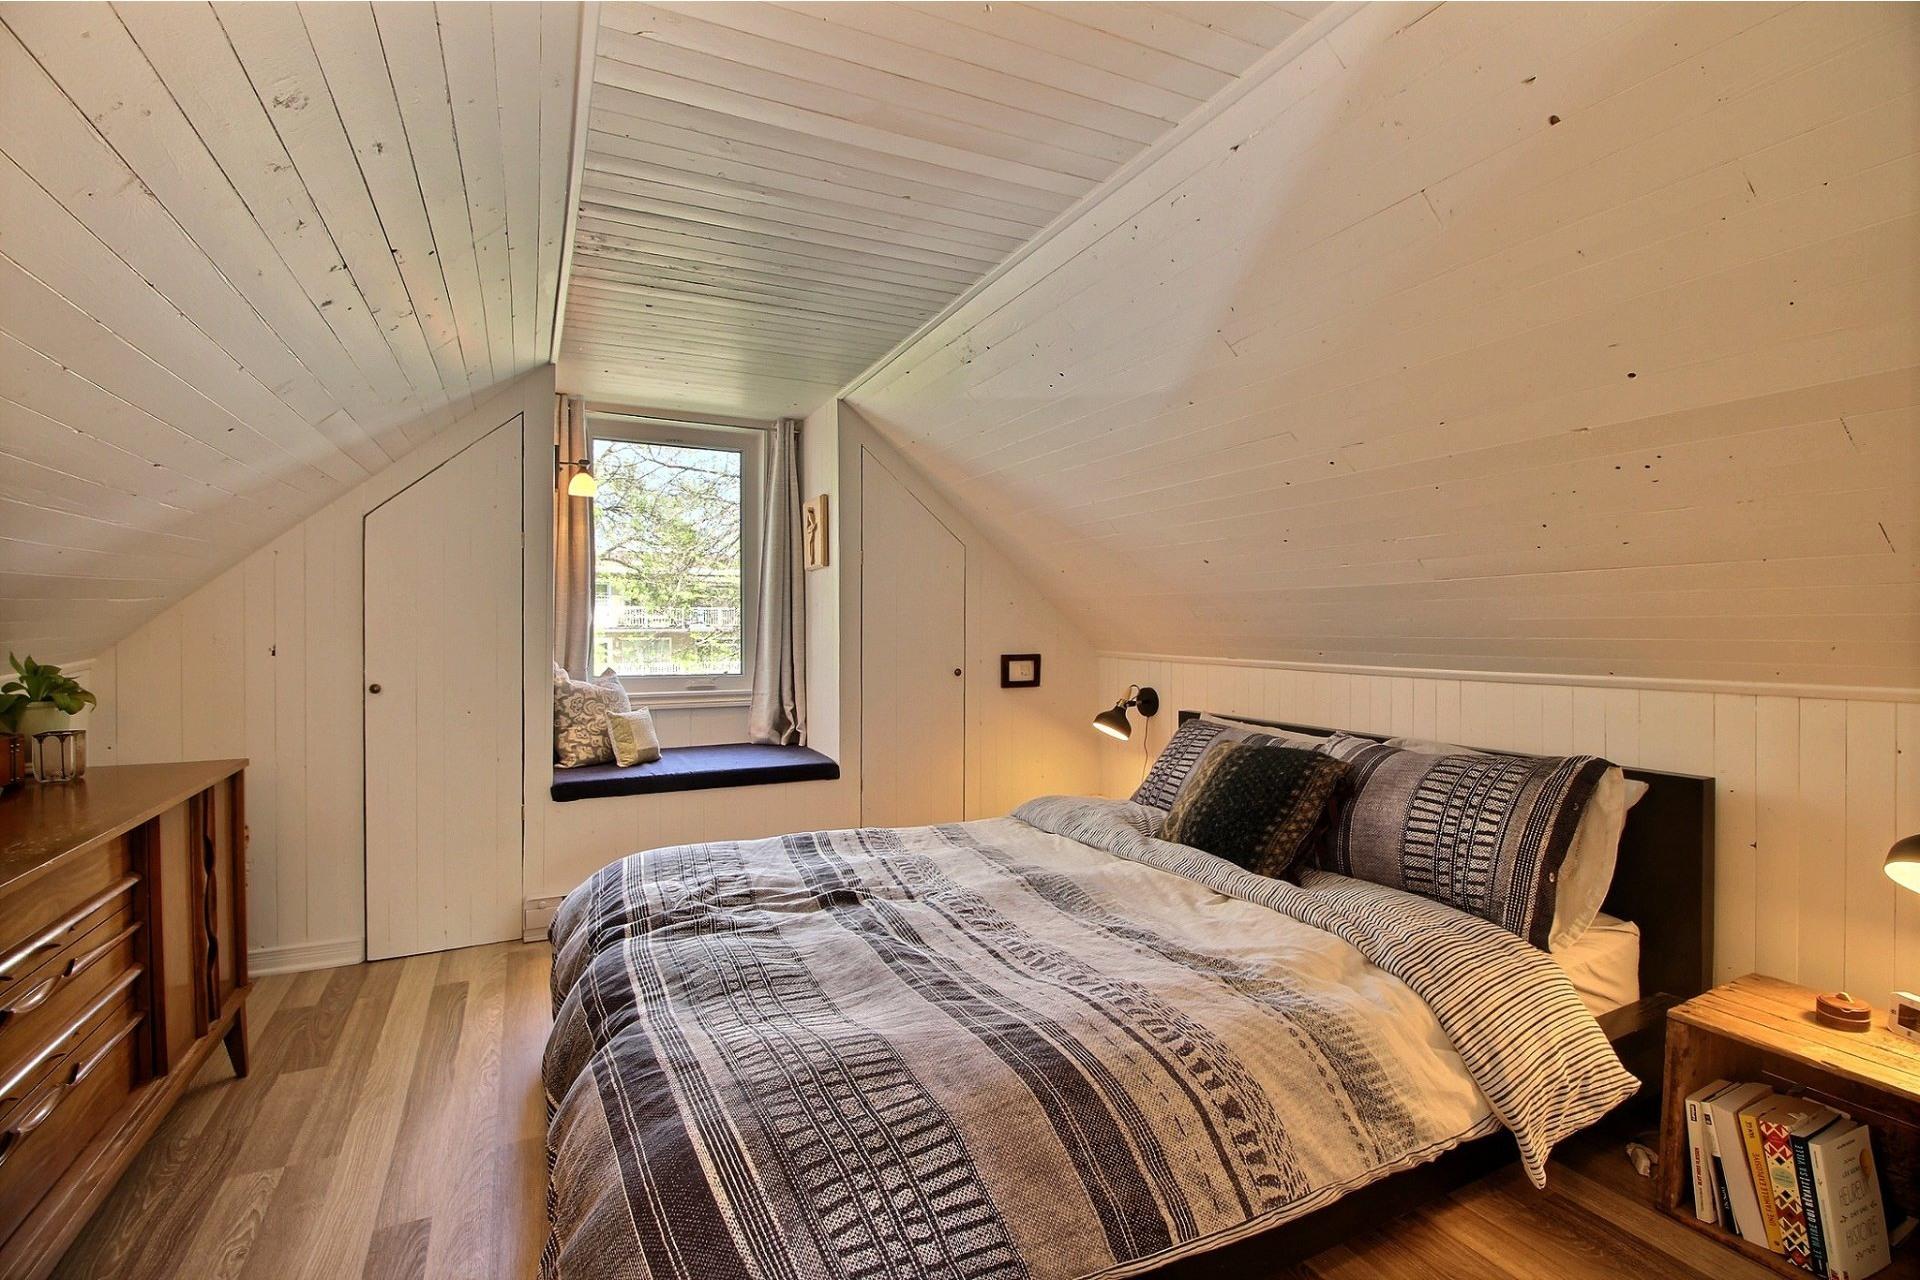 image 16 - House For sale Rivière-des-Prairies/Pointe-aux-Trembles Montréal  - 8 rooms